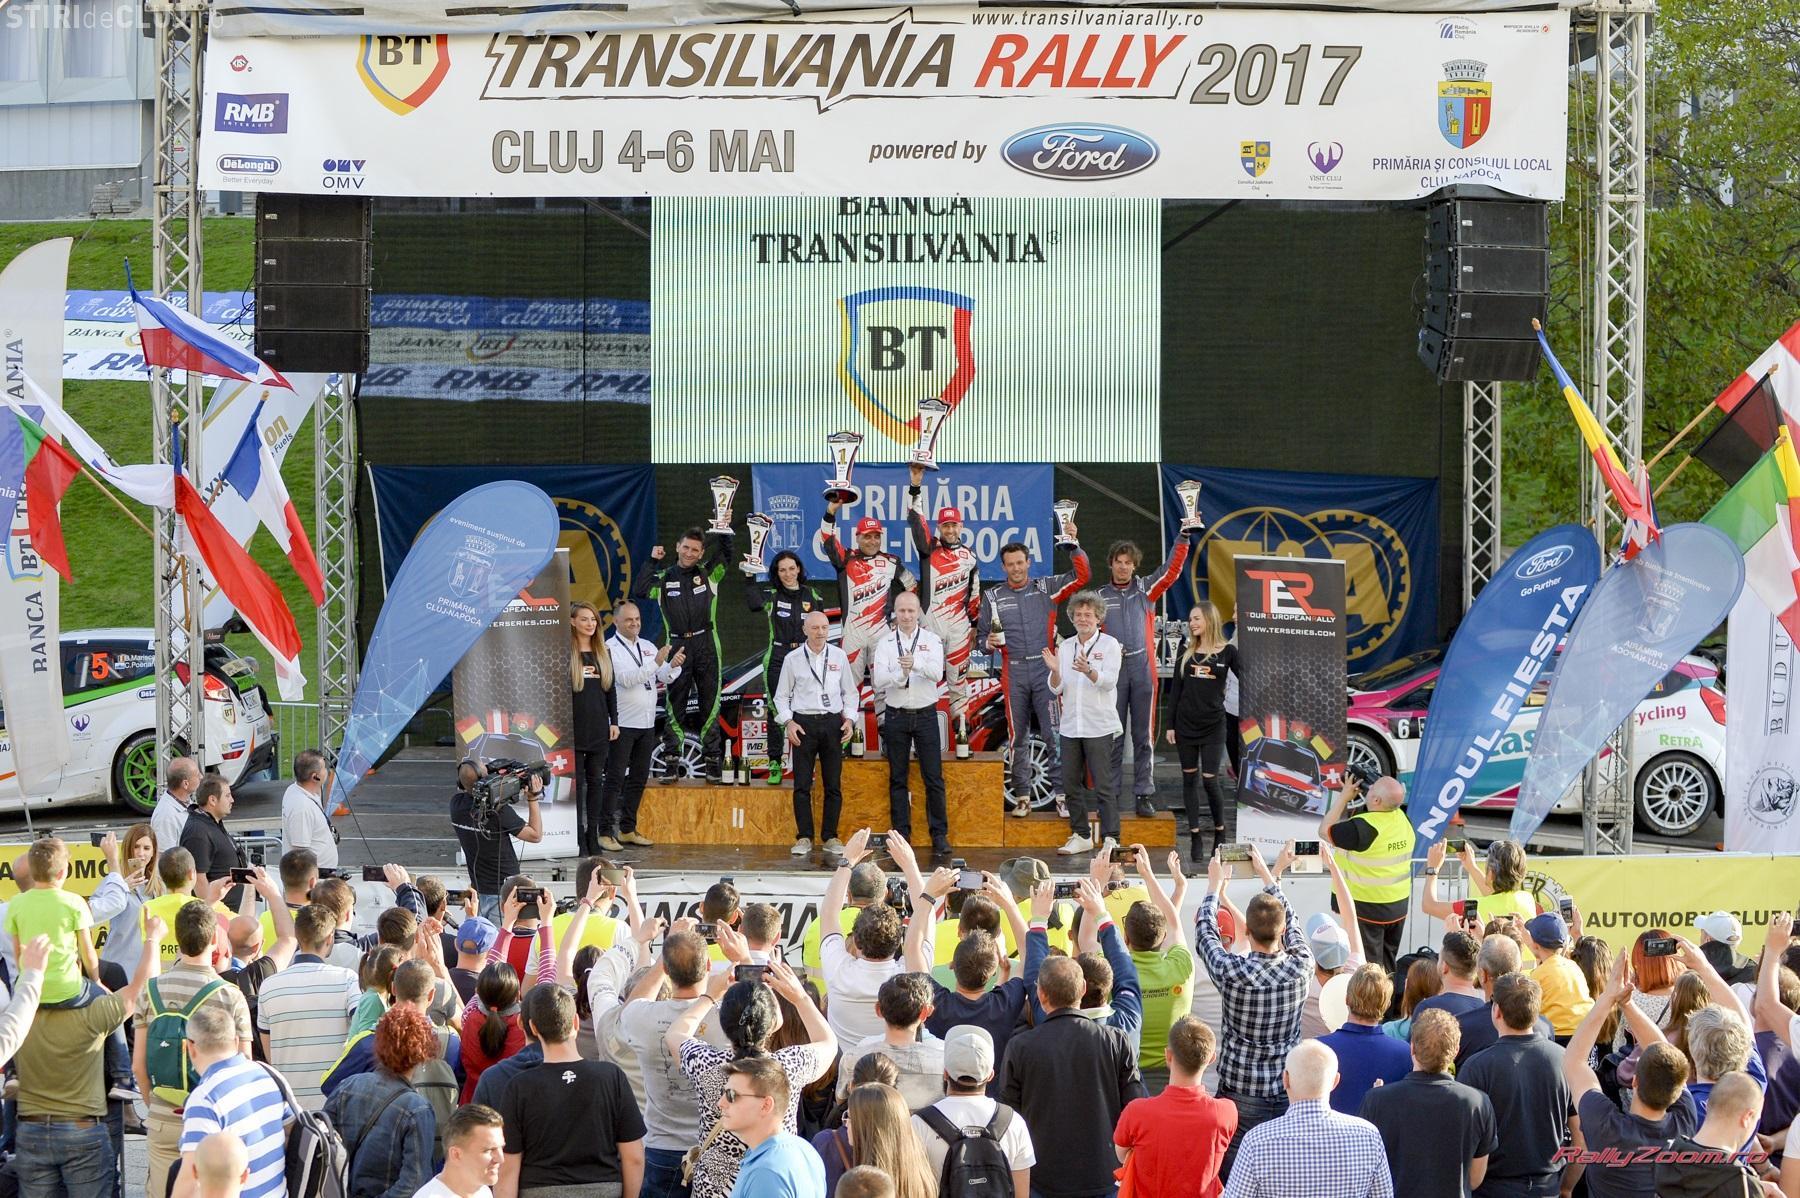 Proba specială din Florești și super speciala de la Cluj Arena, VEDETE la BT Transilvania Rally